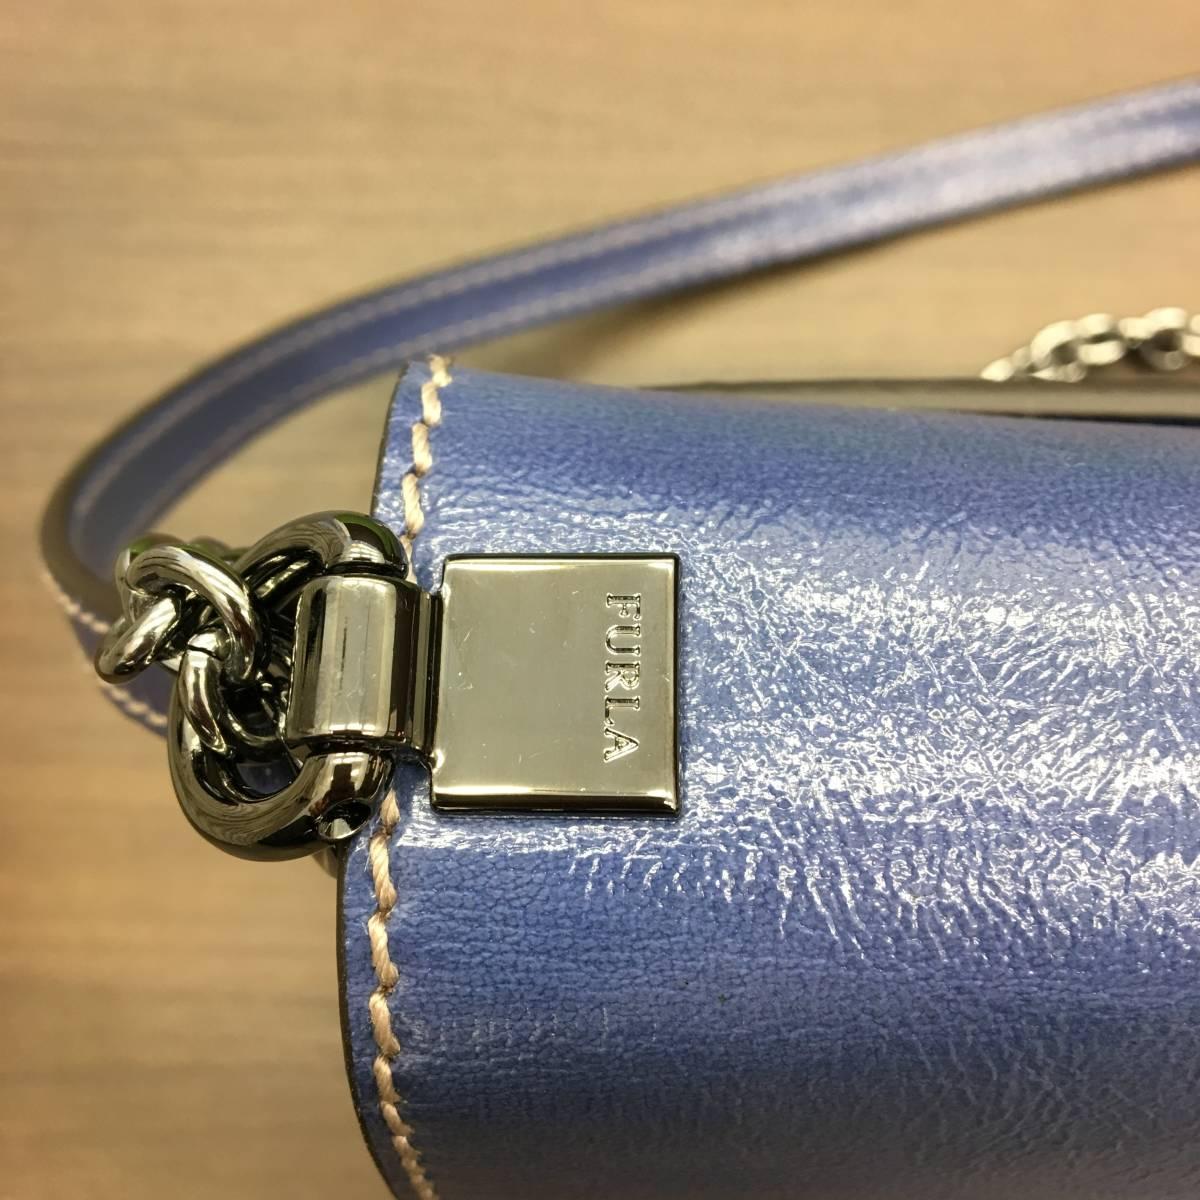 新品未使用 FURLA フルラ ショルダーバッグ 保存袋付き_画像5